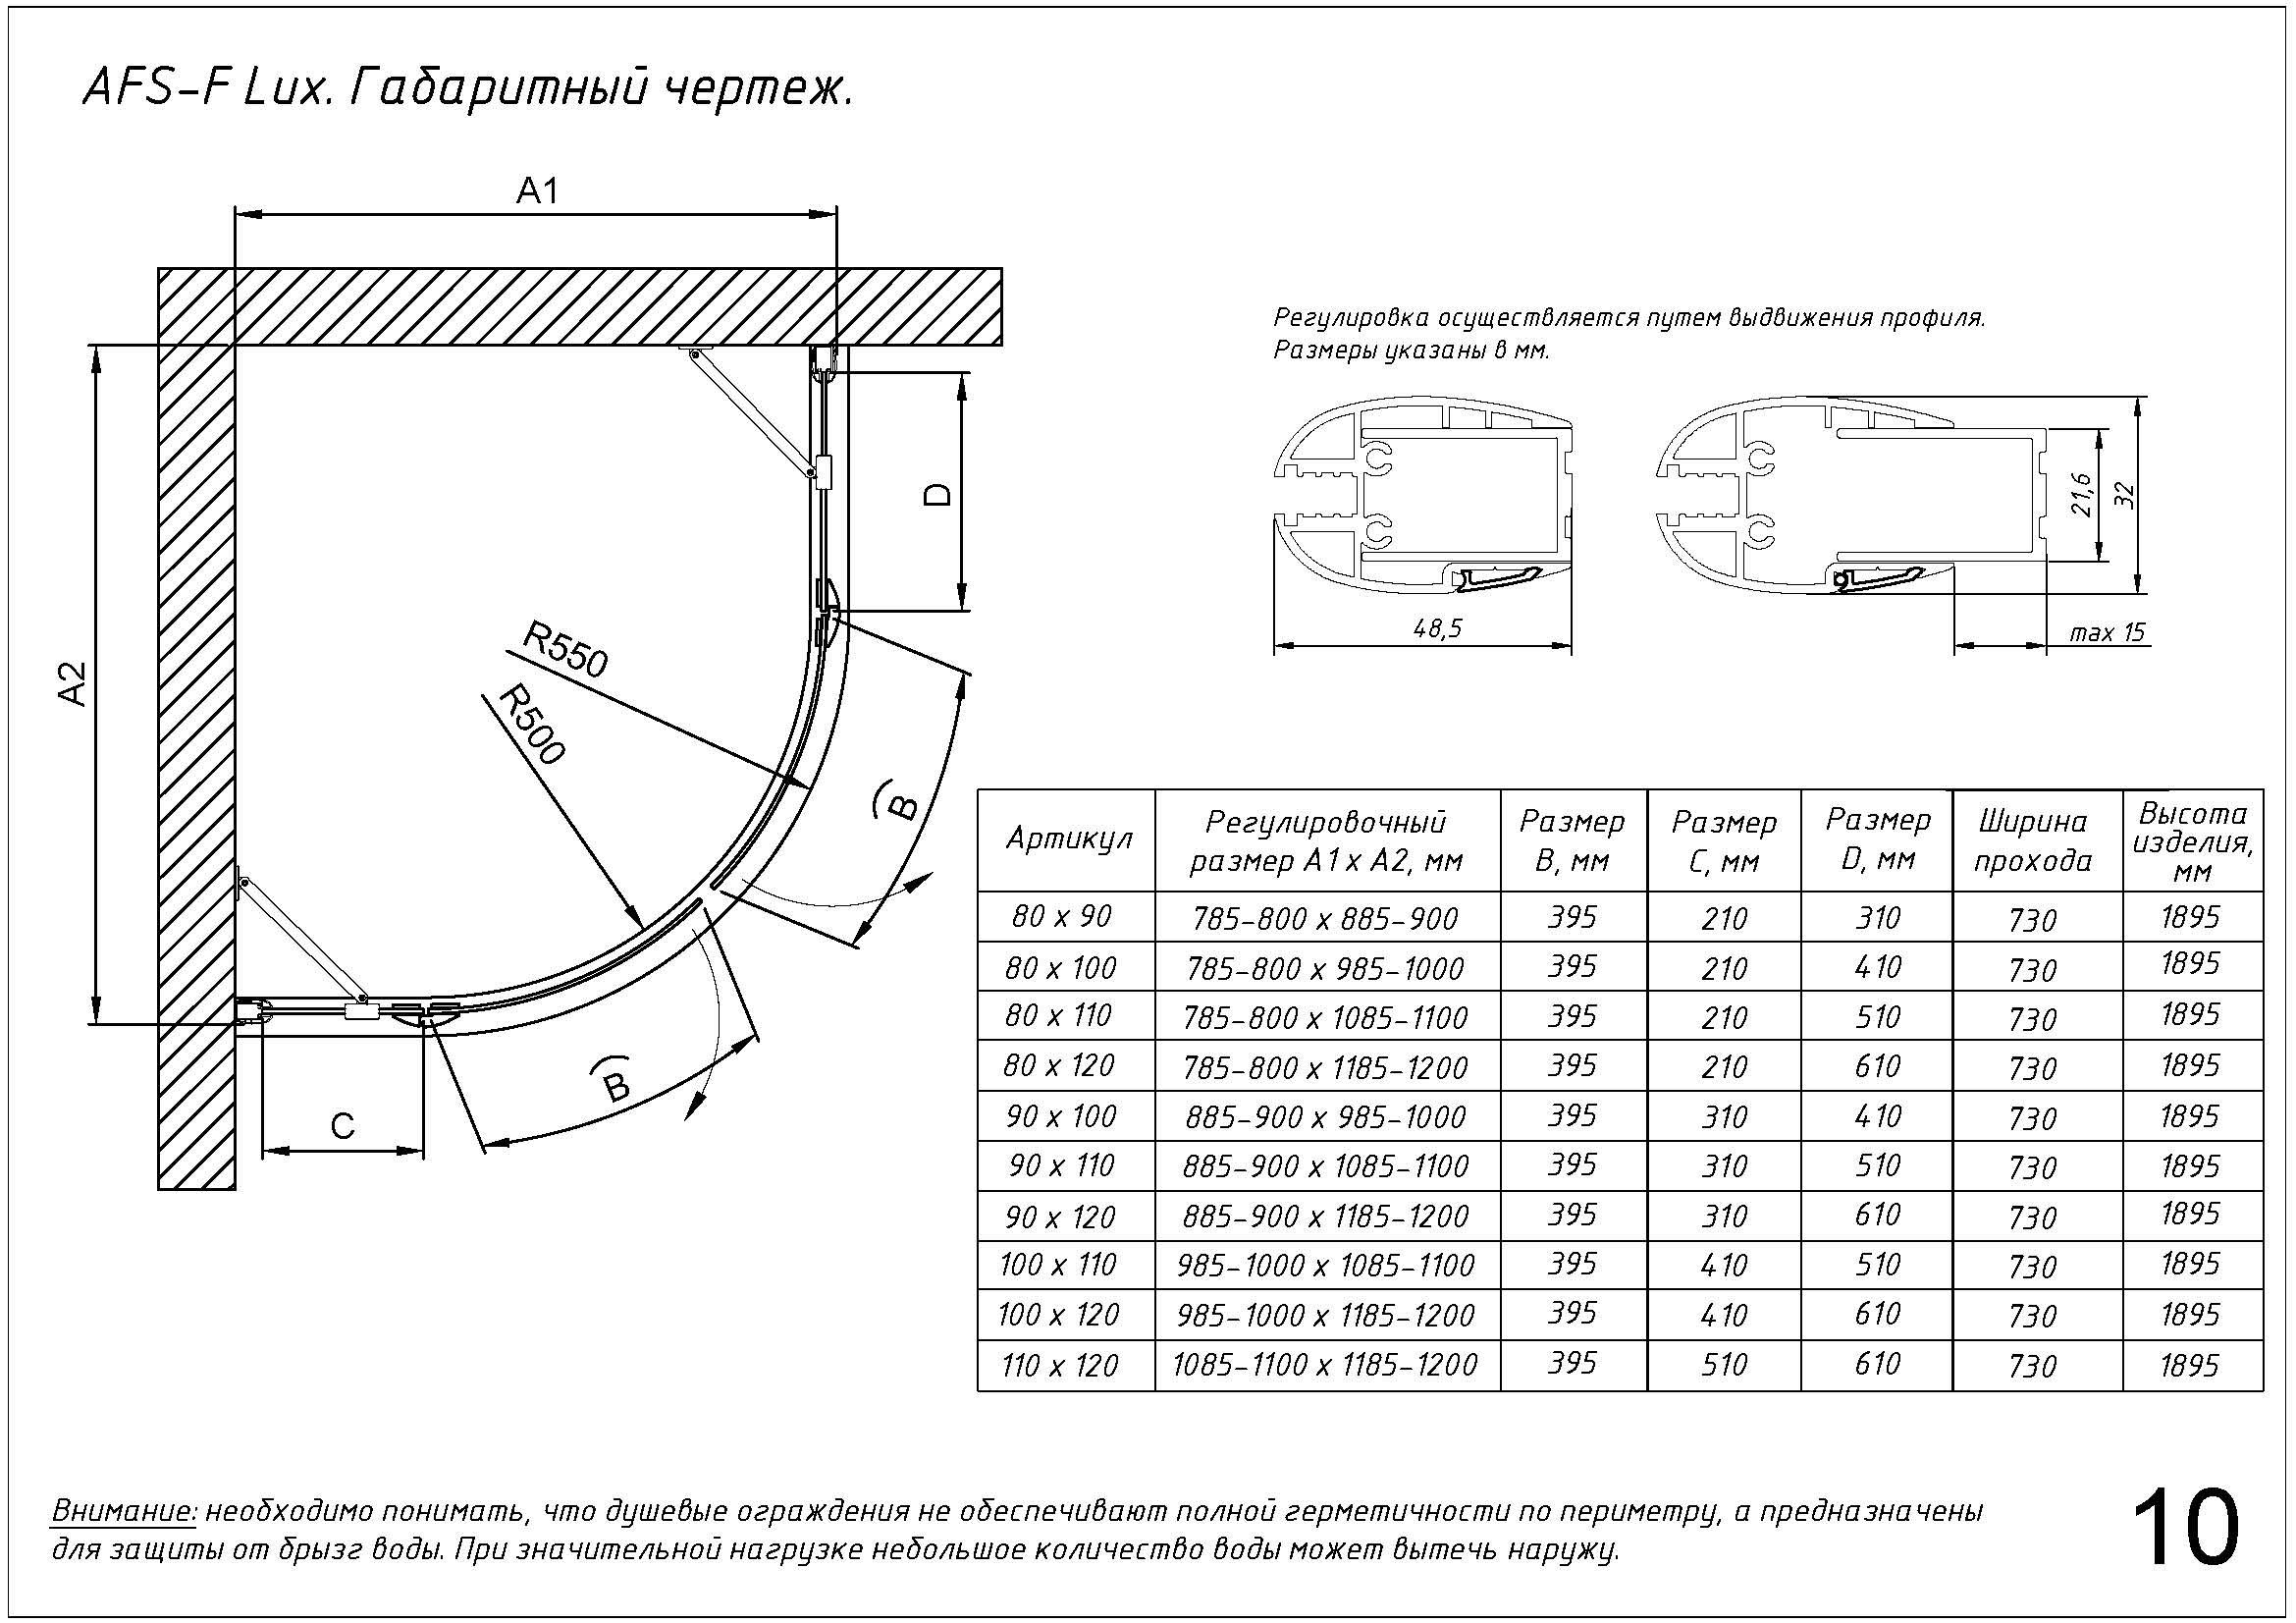 Душевой уголок Vegas Glass AFS-F Lux бронзовый профиль, стекло сатин, 120 x 110 x 199,5 см с подъемным механизмом